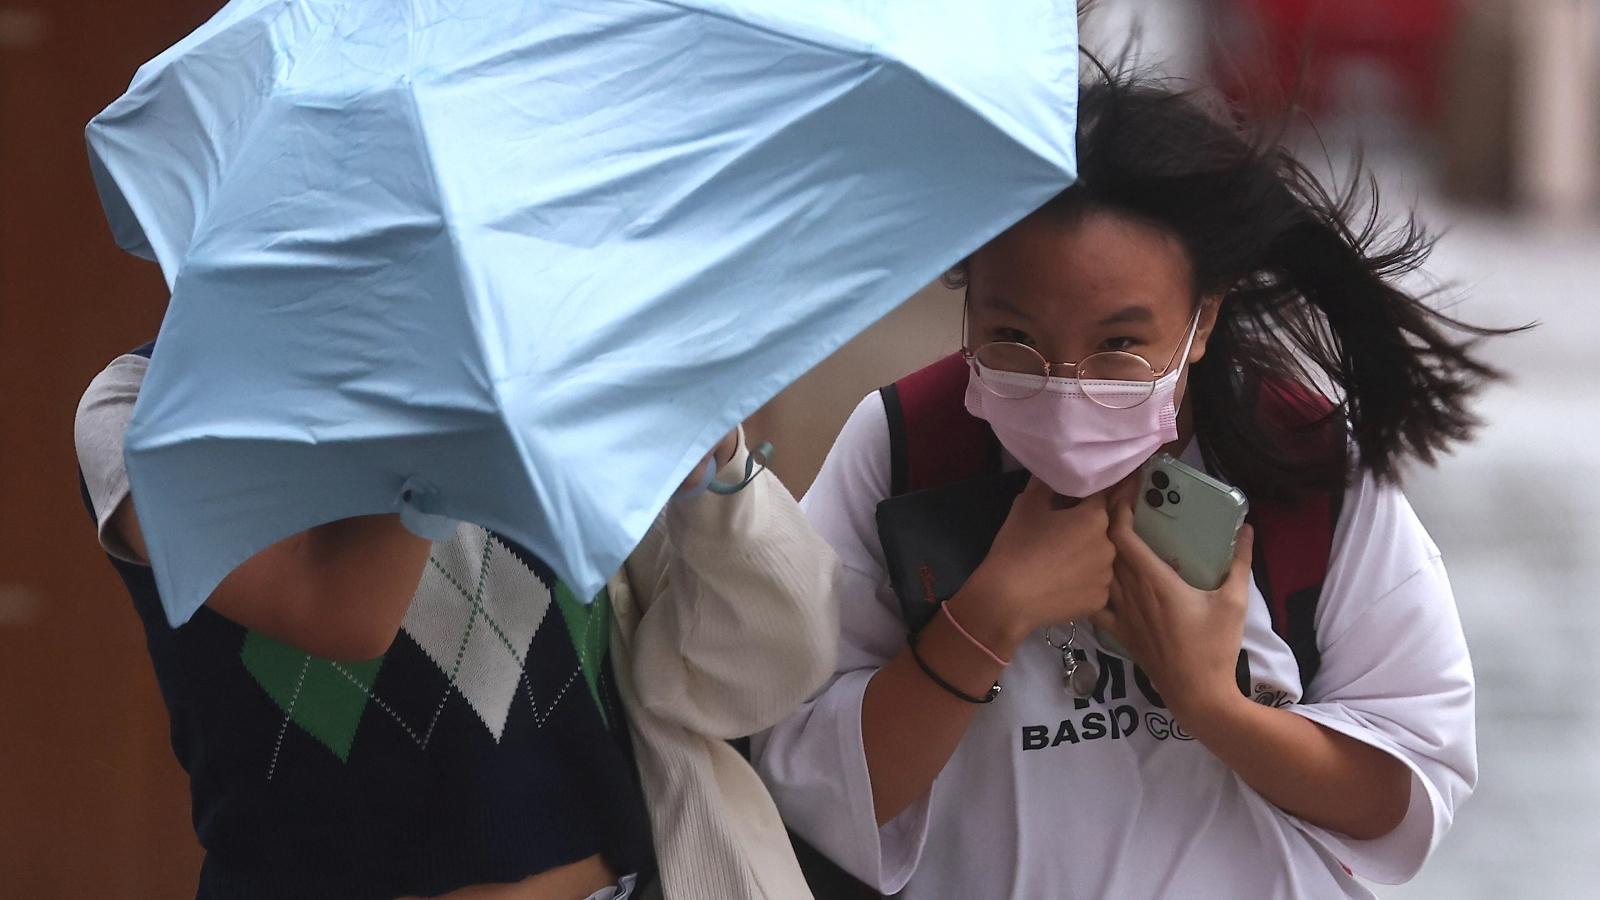 Trung Quốc: Thượng Hải đình chỉ dịch vụ hàng không, đường sắt, đóng cửa trường học vì bão